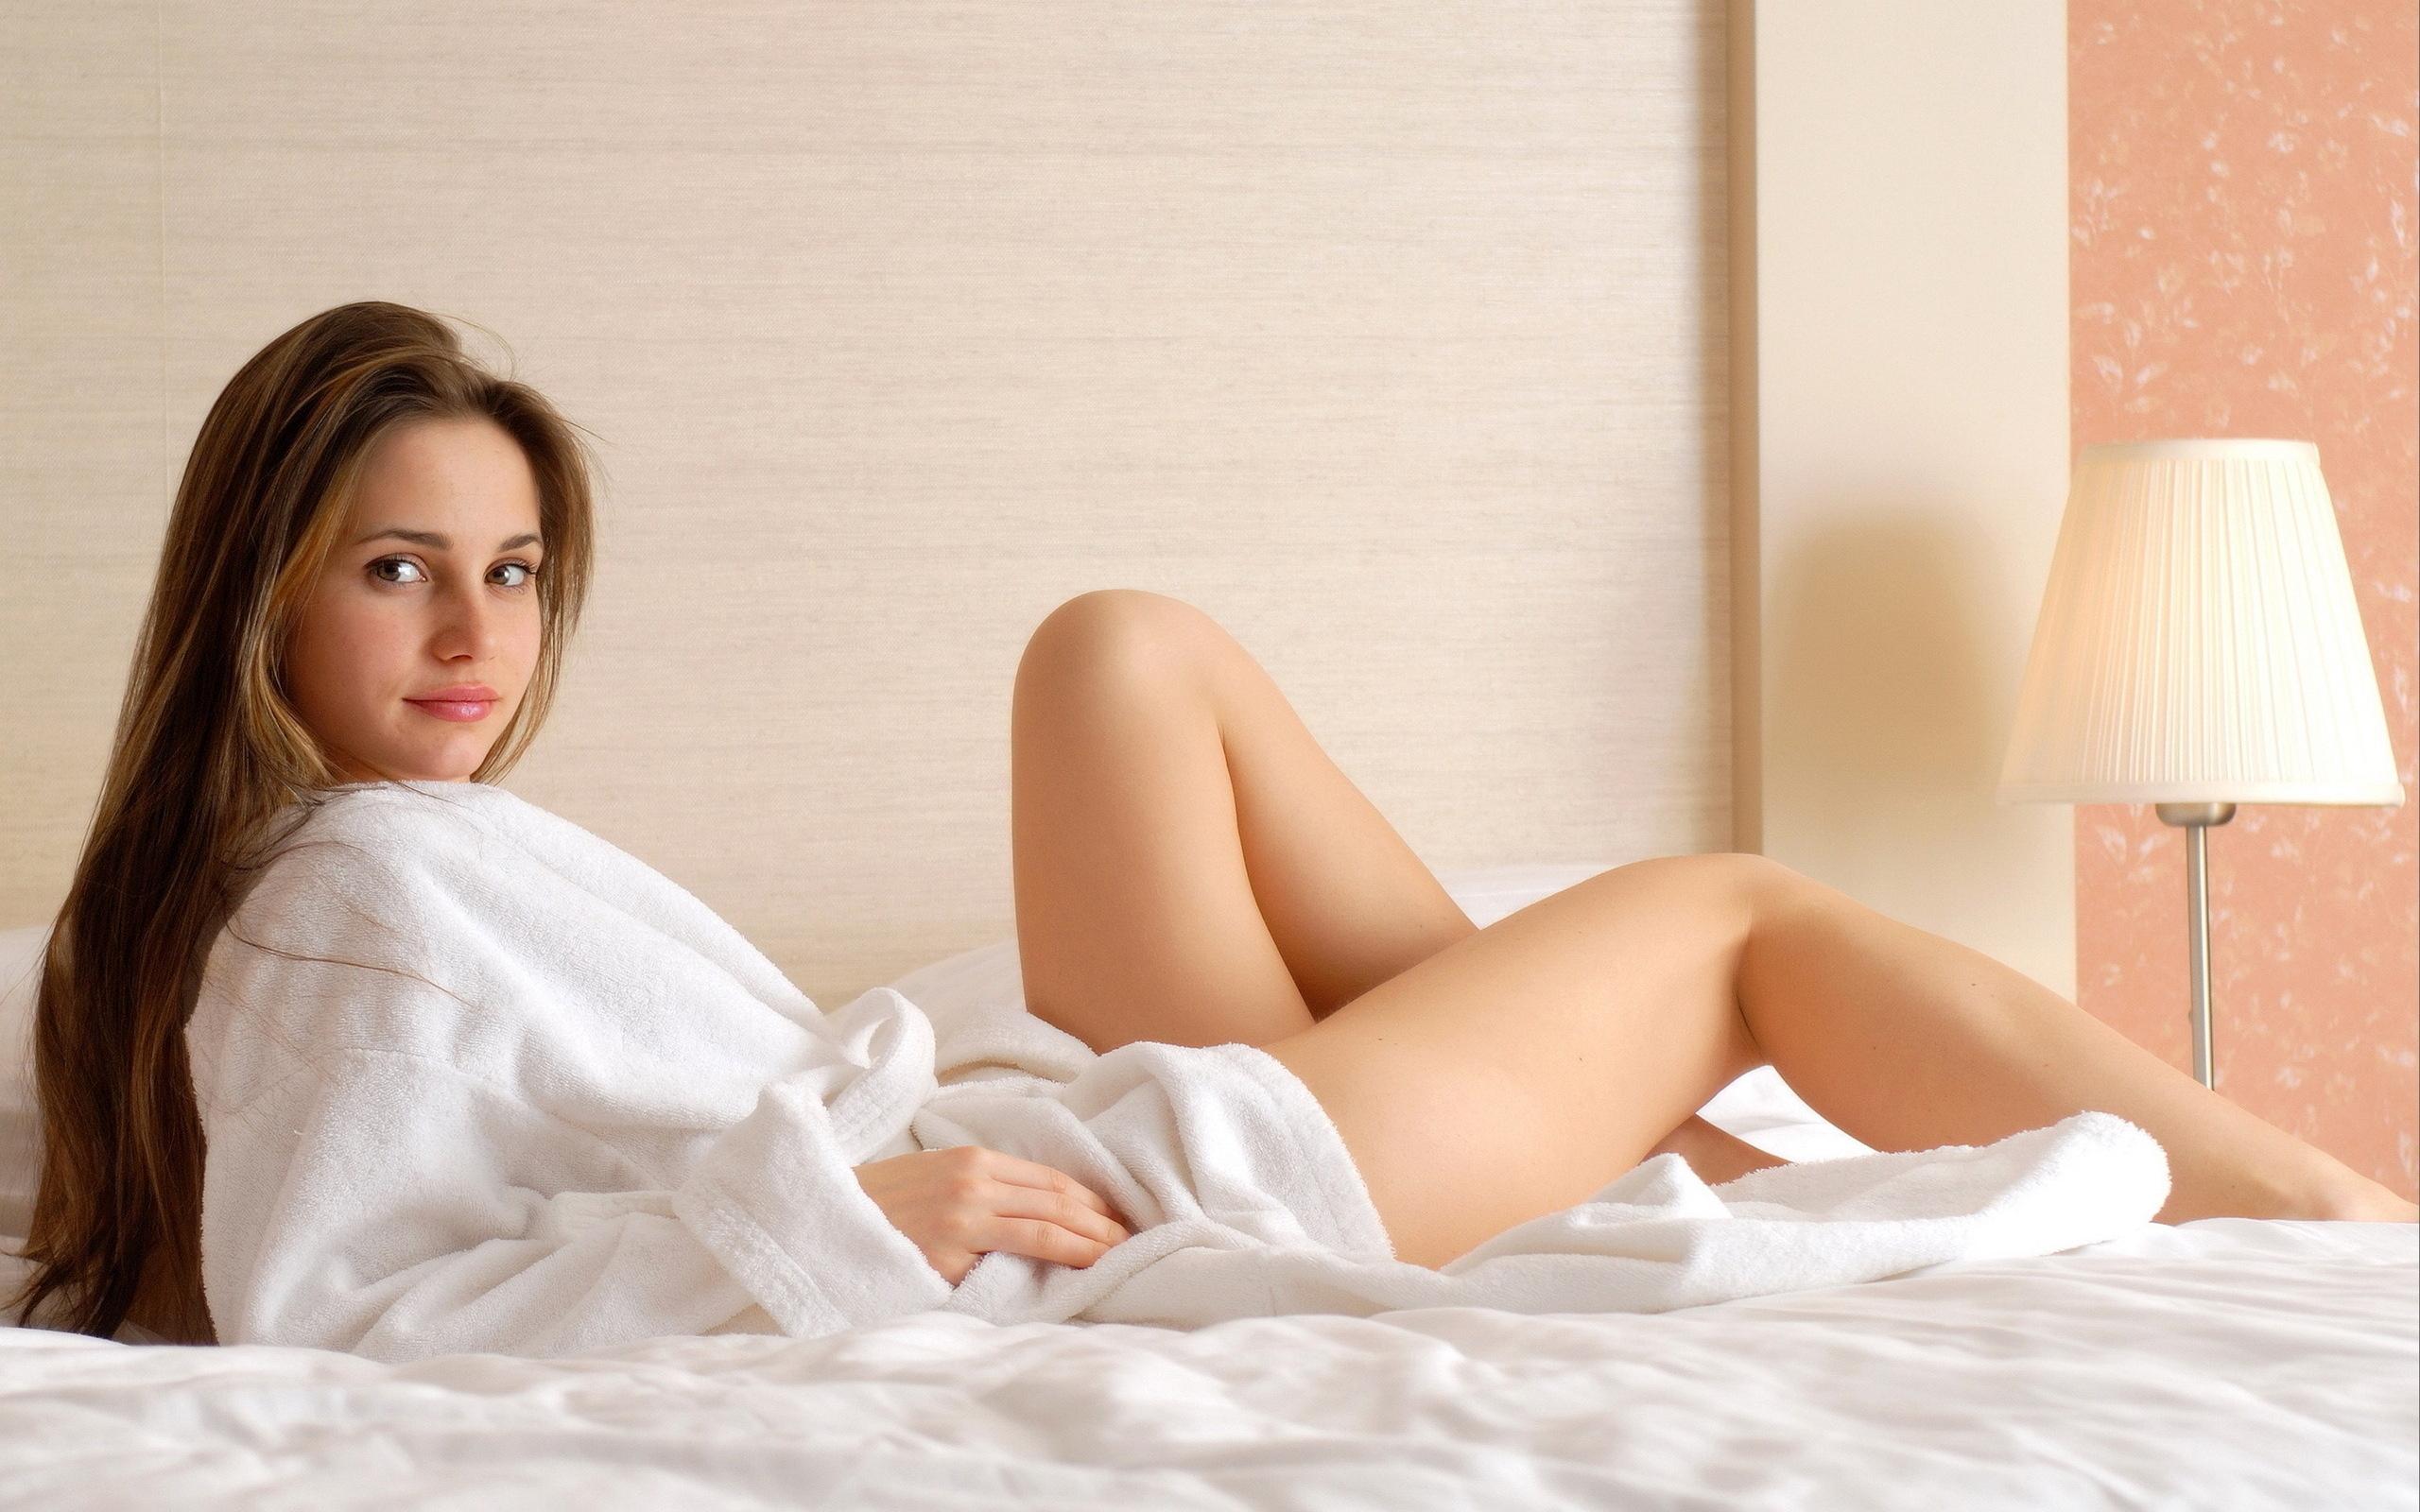 Смотреть красивую дефлорацию, Дефлорация - смотреть лучшее порно в хорошем 26 фотография